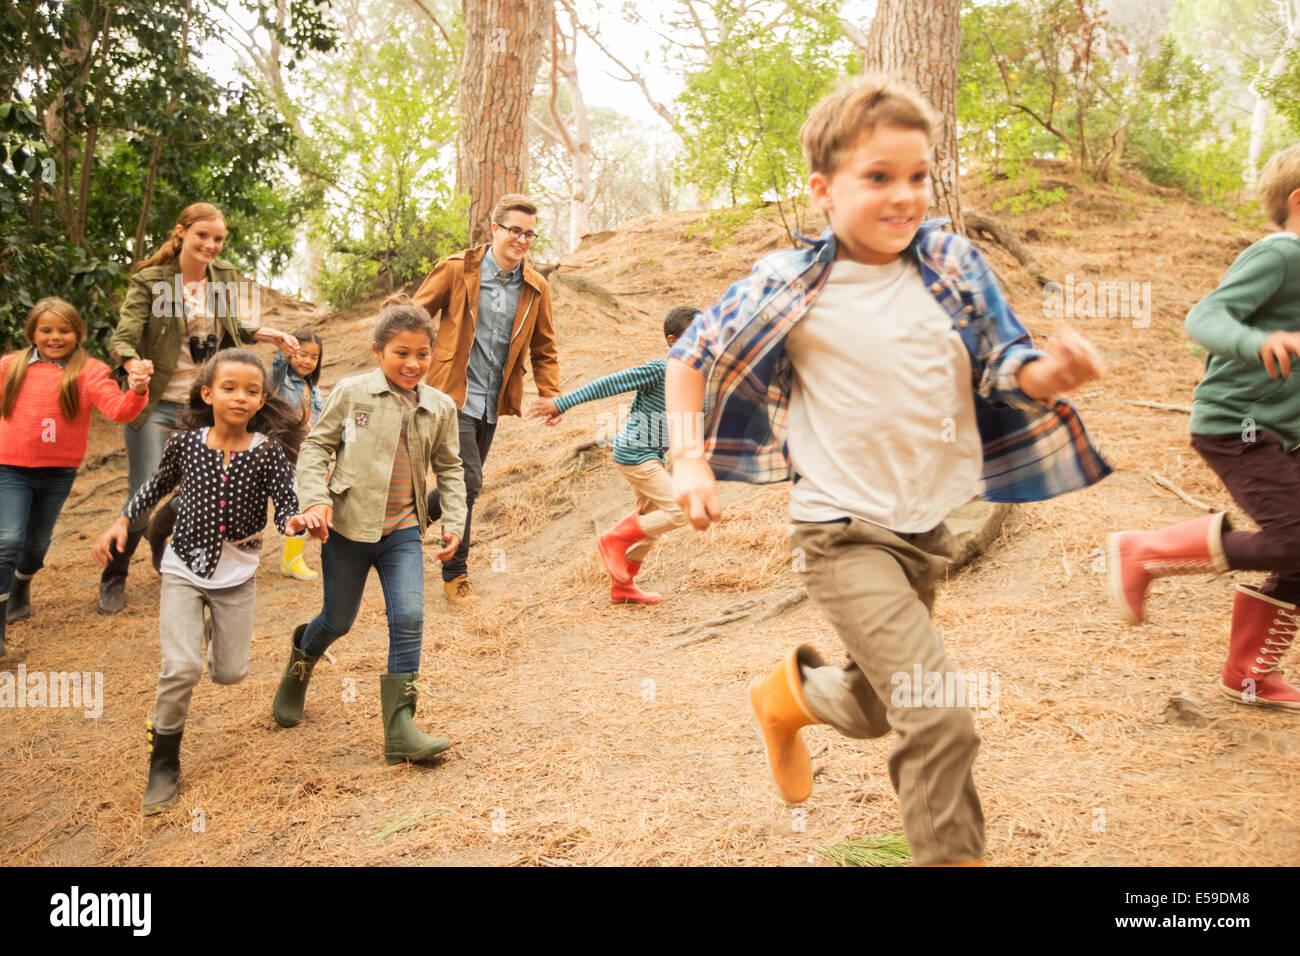 Les enfants courent dans la forêt Photo Stock